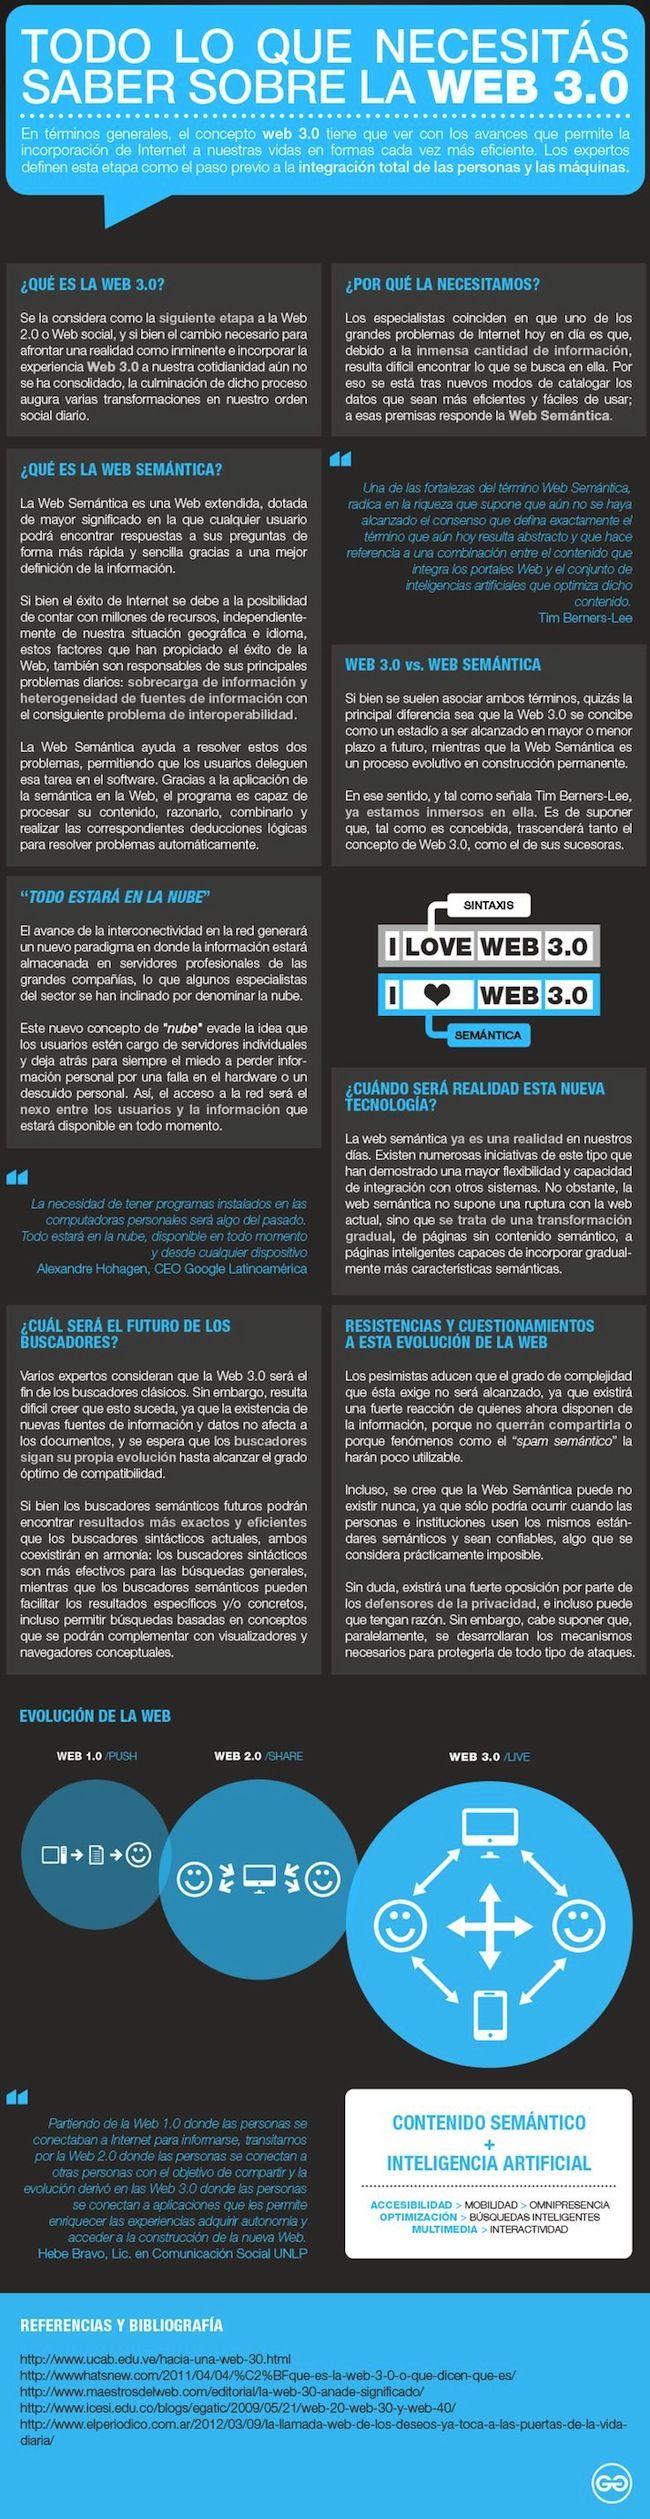 Todo lo que necesitas saber sobre la Web 3.0. #Infografía en español